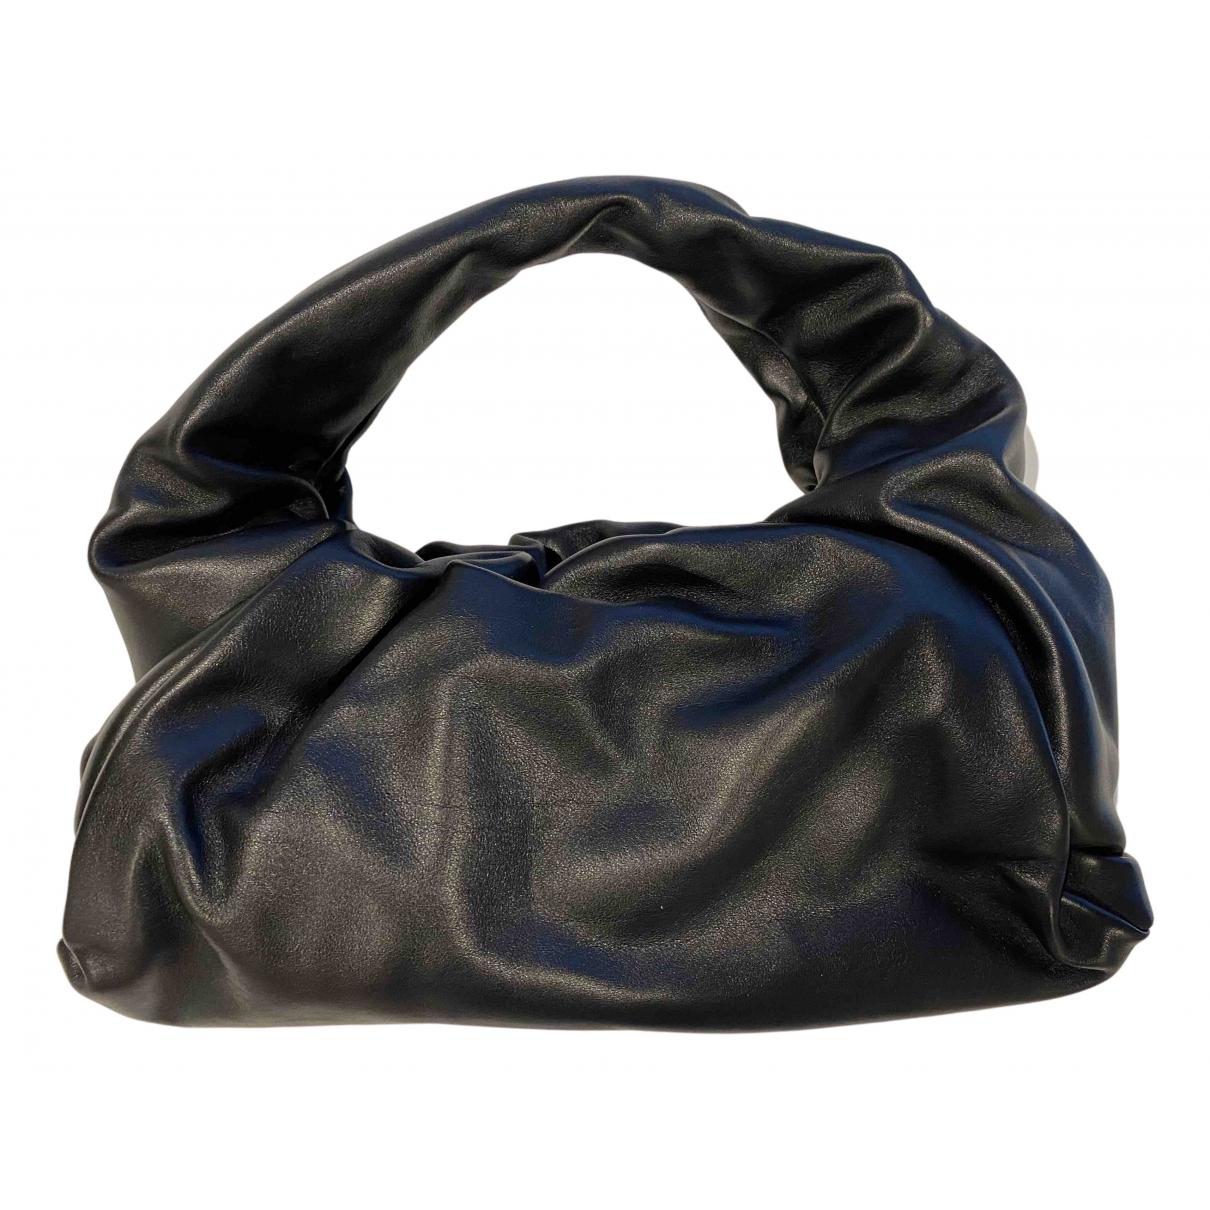 Bottega Veneta The Shoulder Pouch Black Leather handbag for Women N